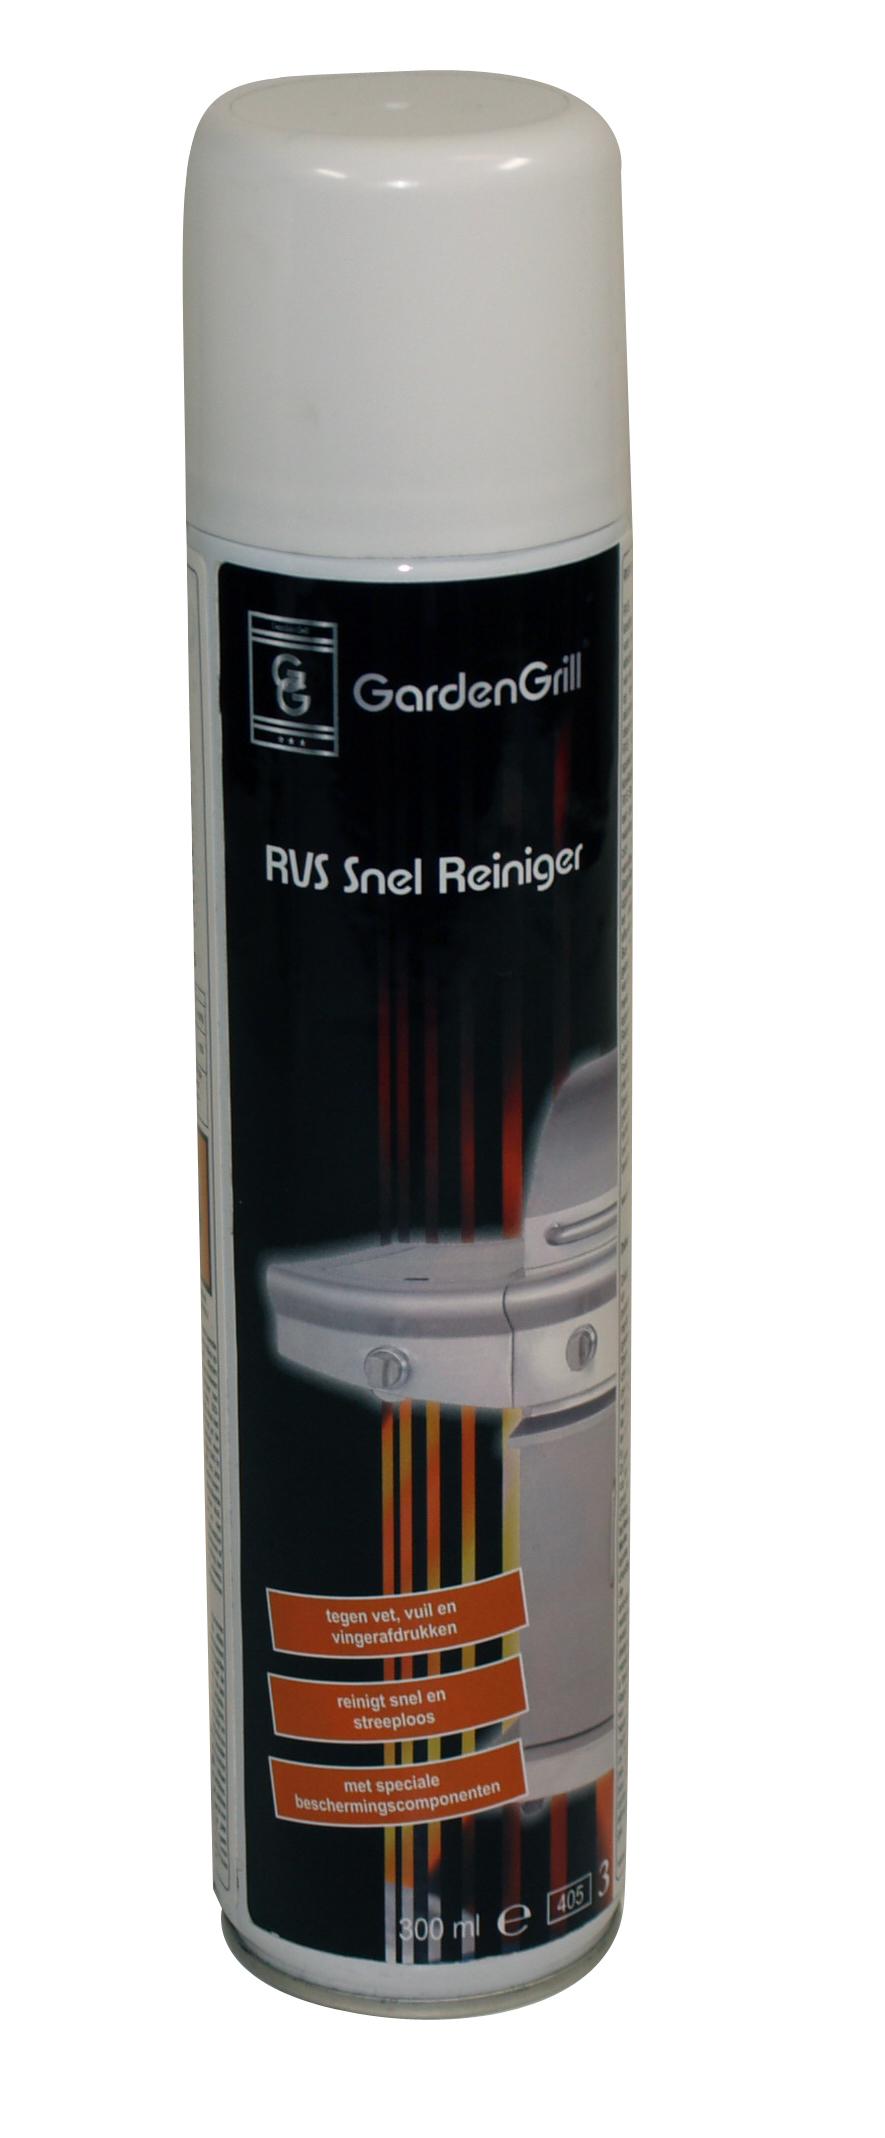 GARDEN GRILL RVS SNELREINIGER